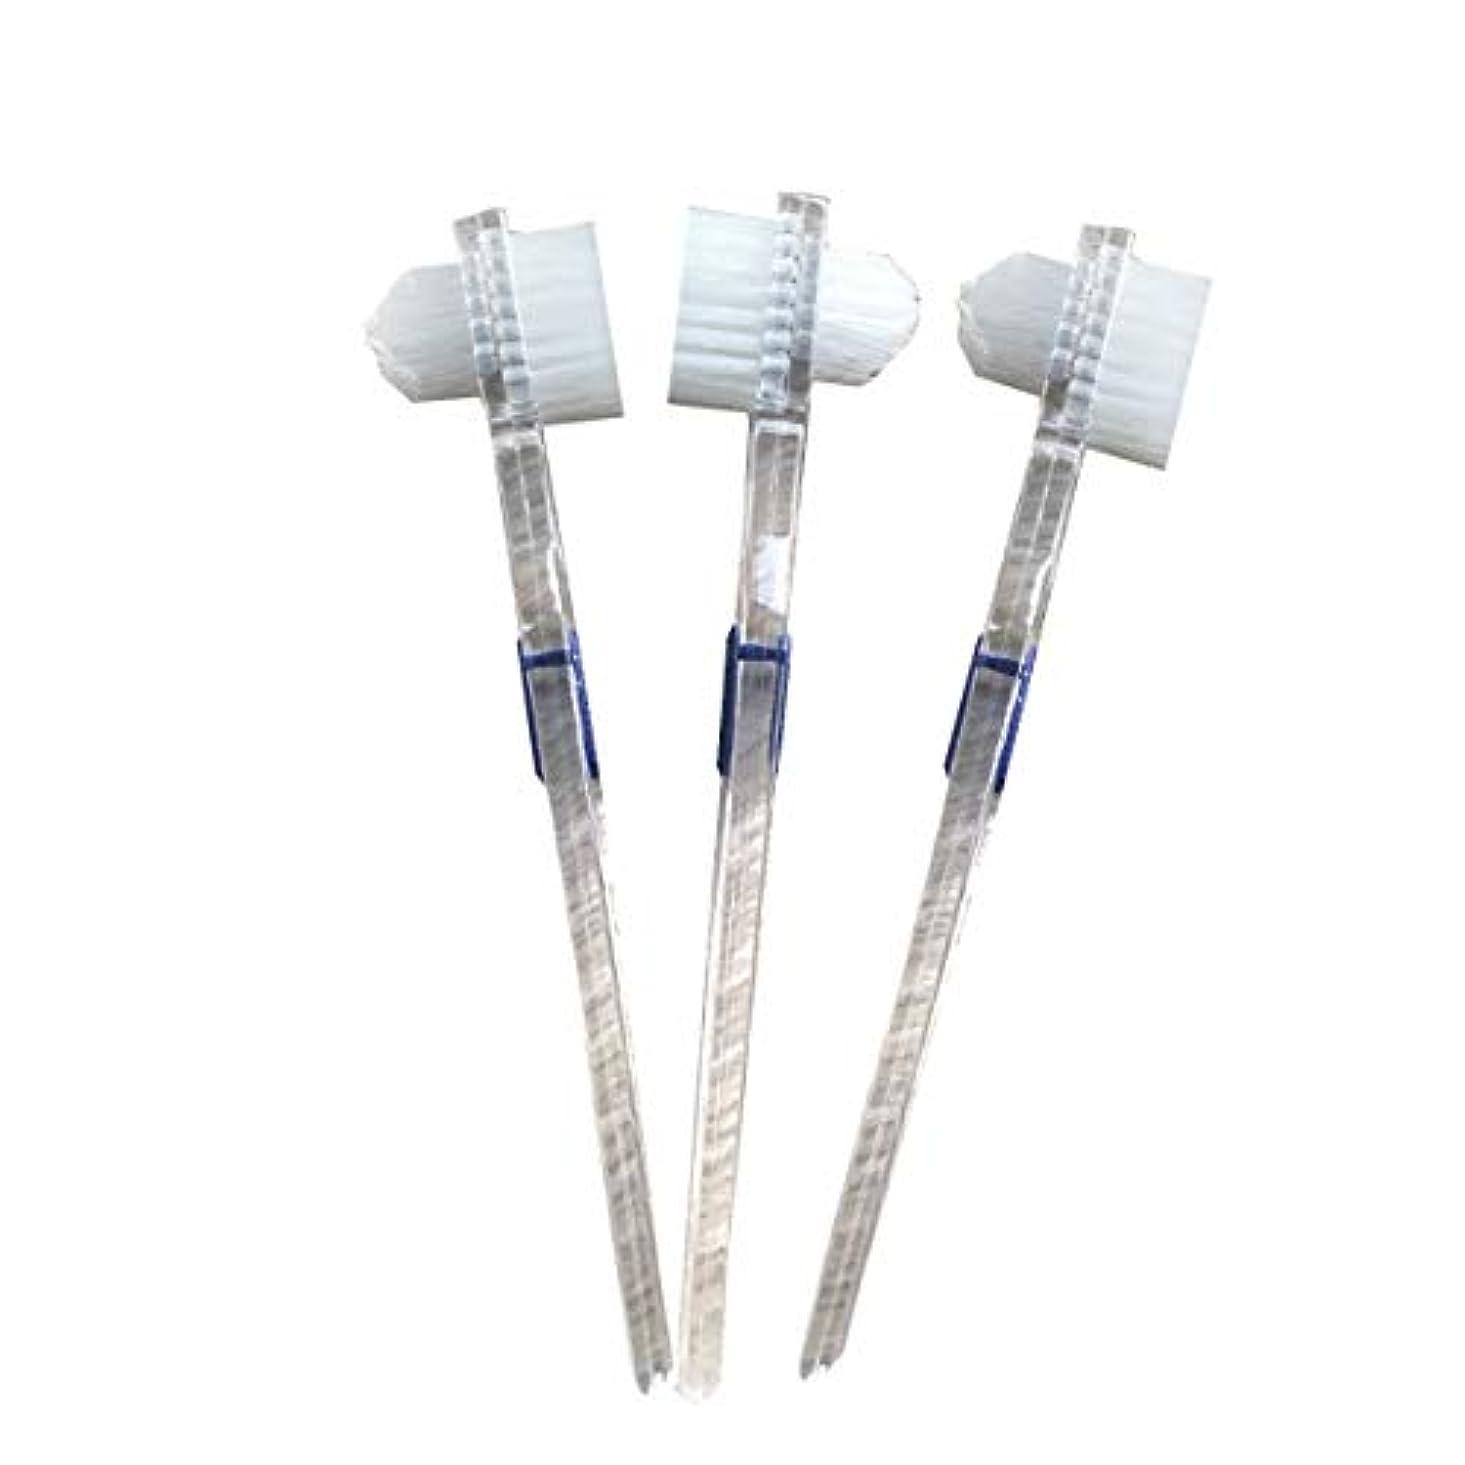 焦がす凍ったスラムHealifty 二重毛ヘッド義歯ブラシセット義歯ケア9pcsの歯のクリーニングツール